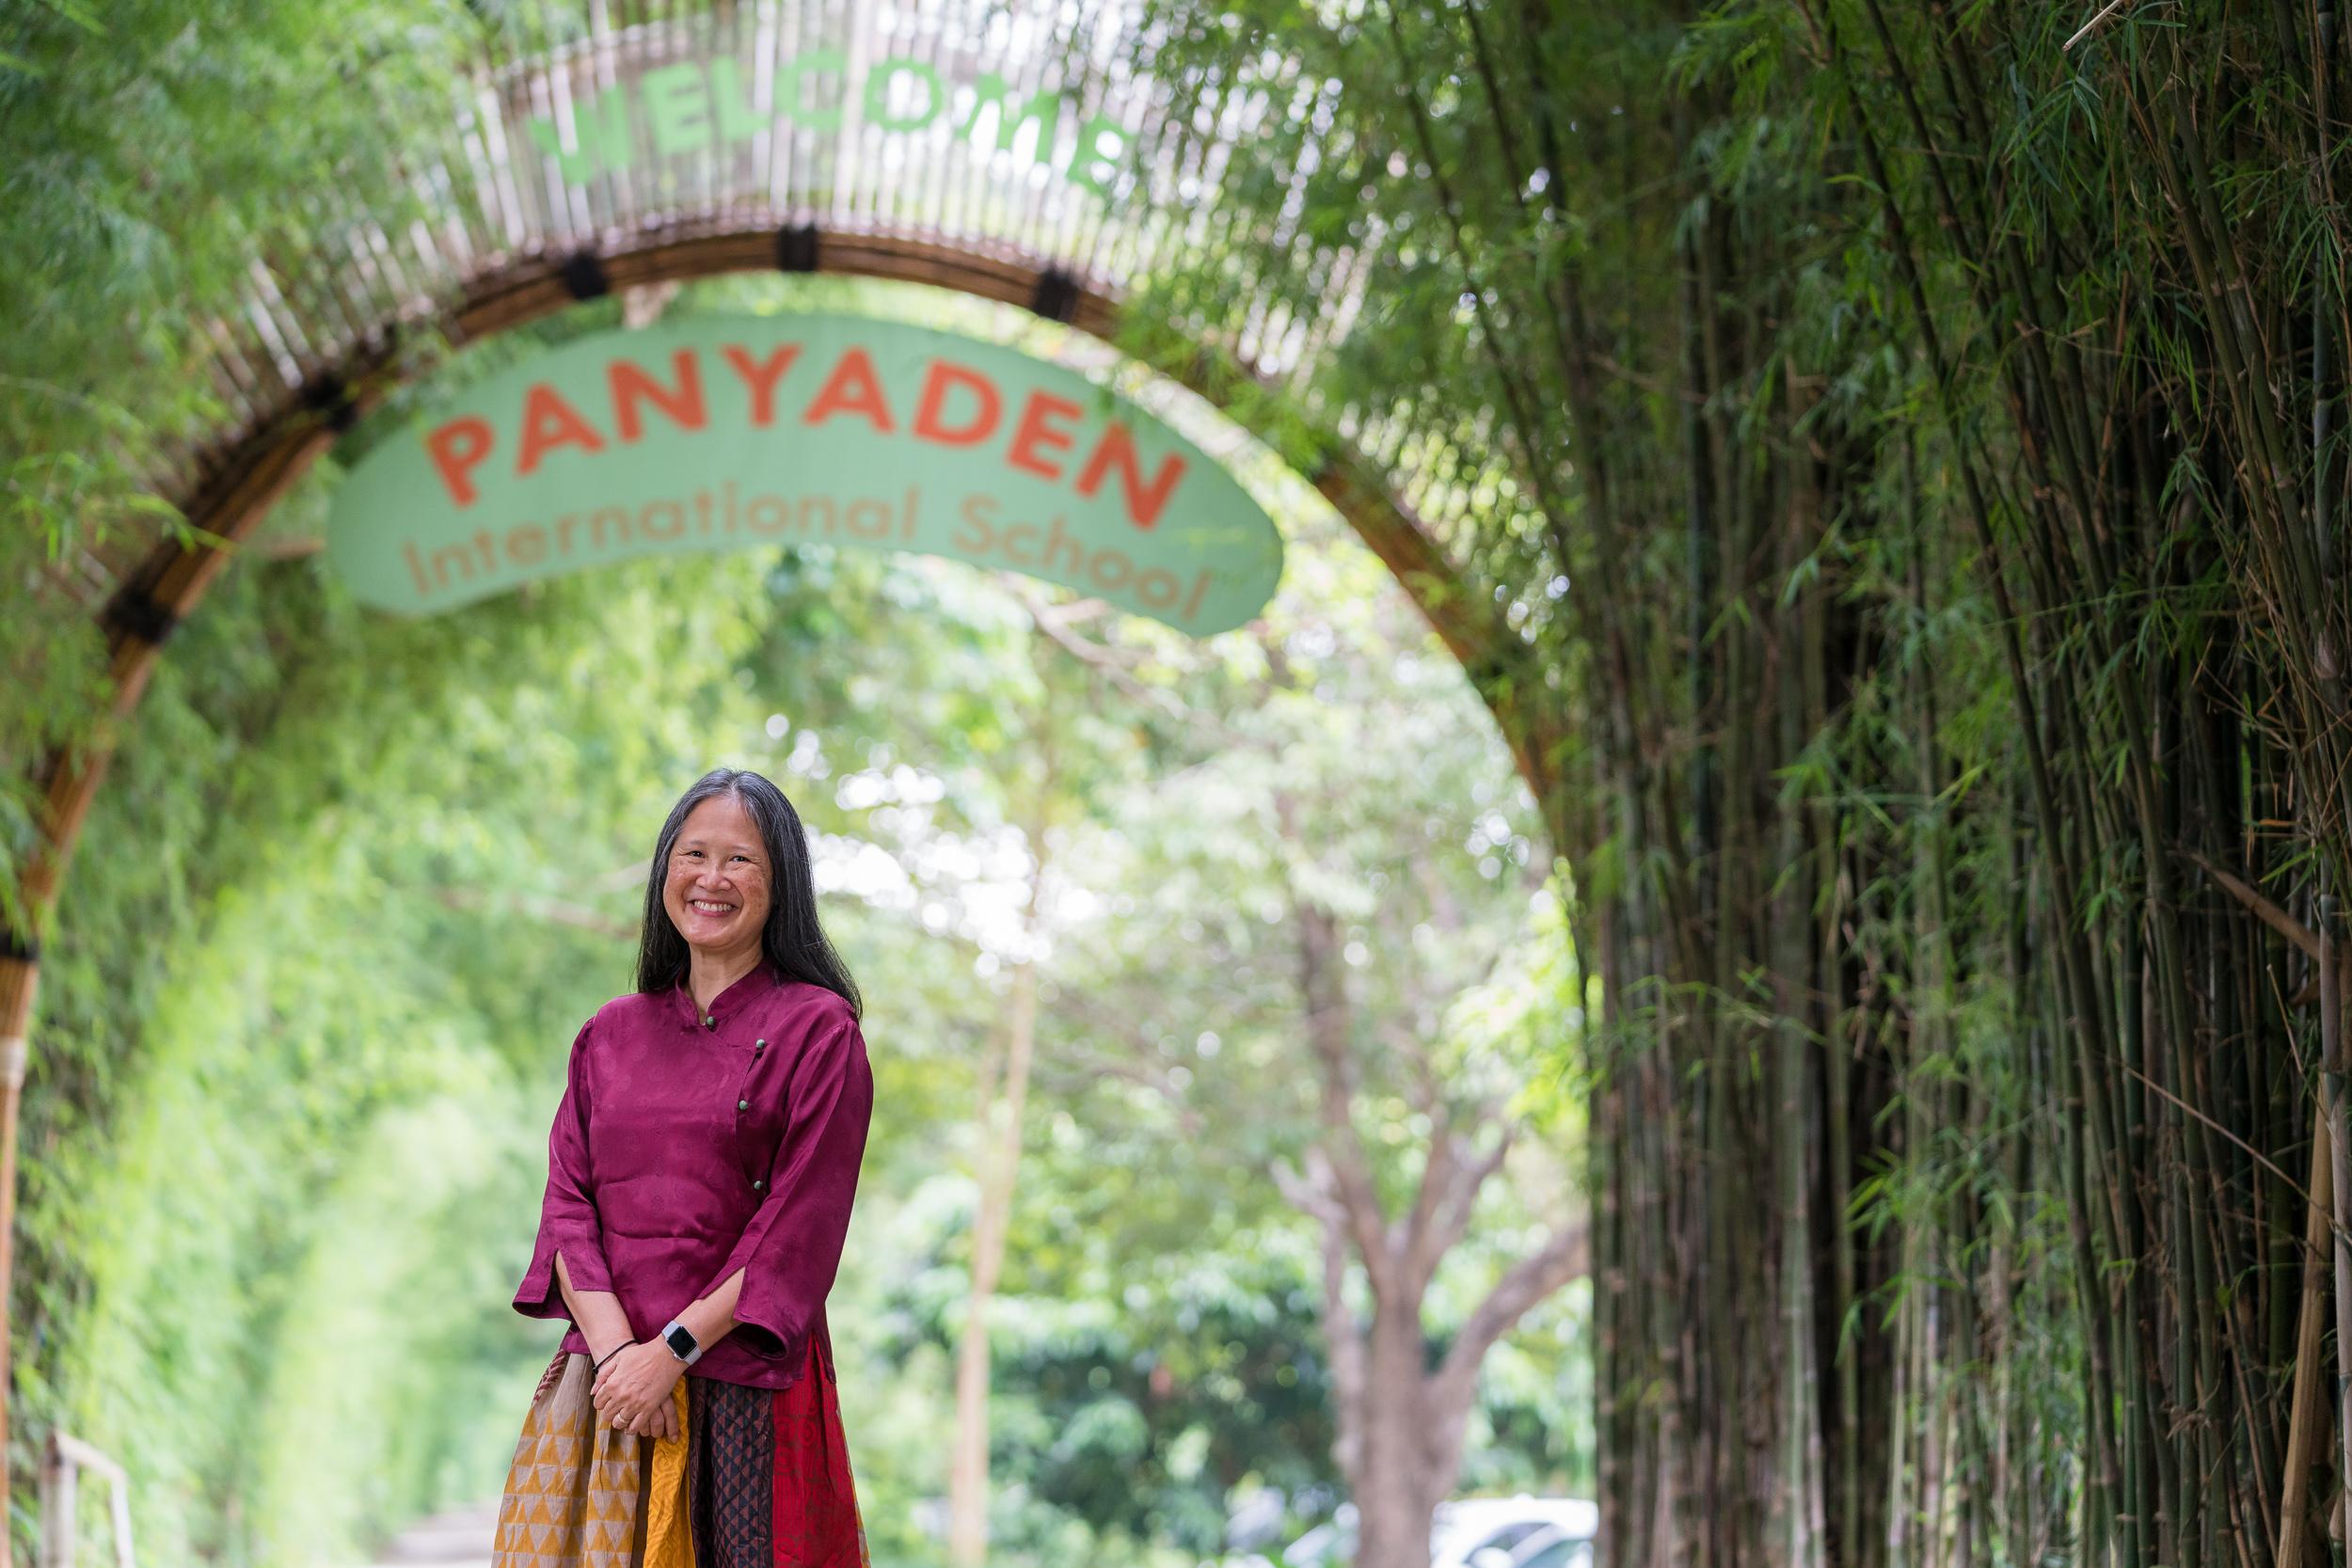 Puoi fare le cose senza dover dimostrare nulla - Yodphet_Sudsawas, fondatrice di Panyaden International School e della casa di produzione Phenomena